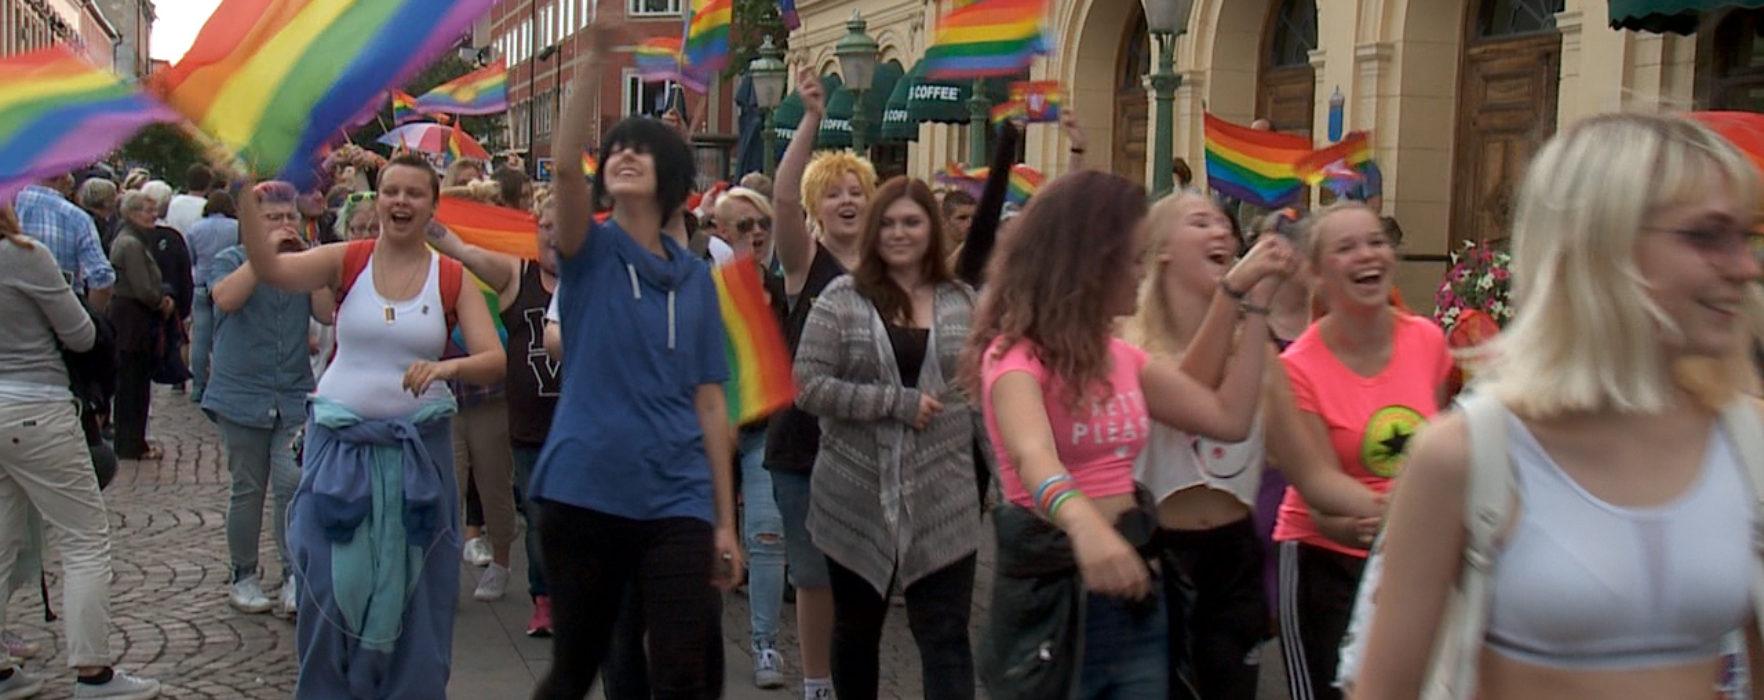 Värmland Pride 2016